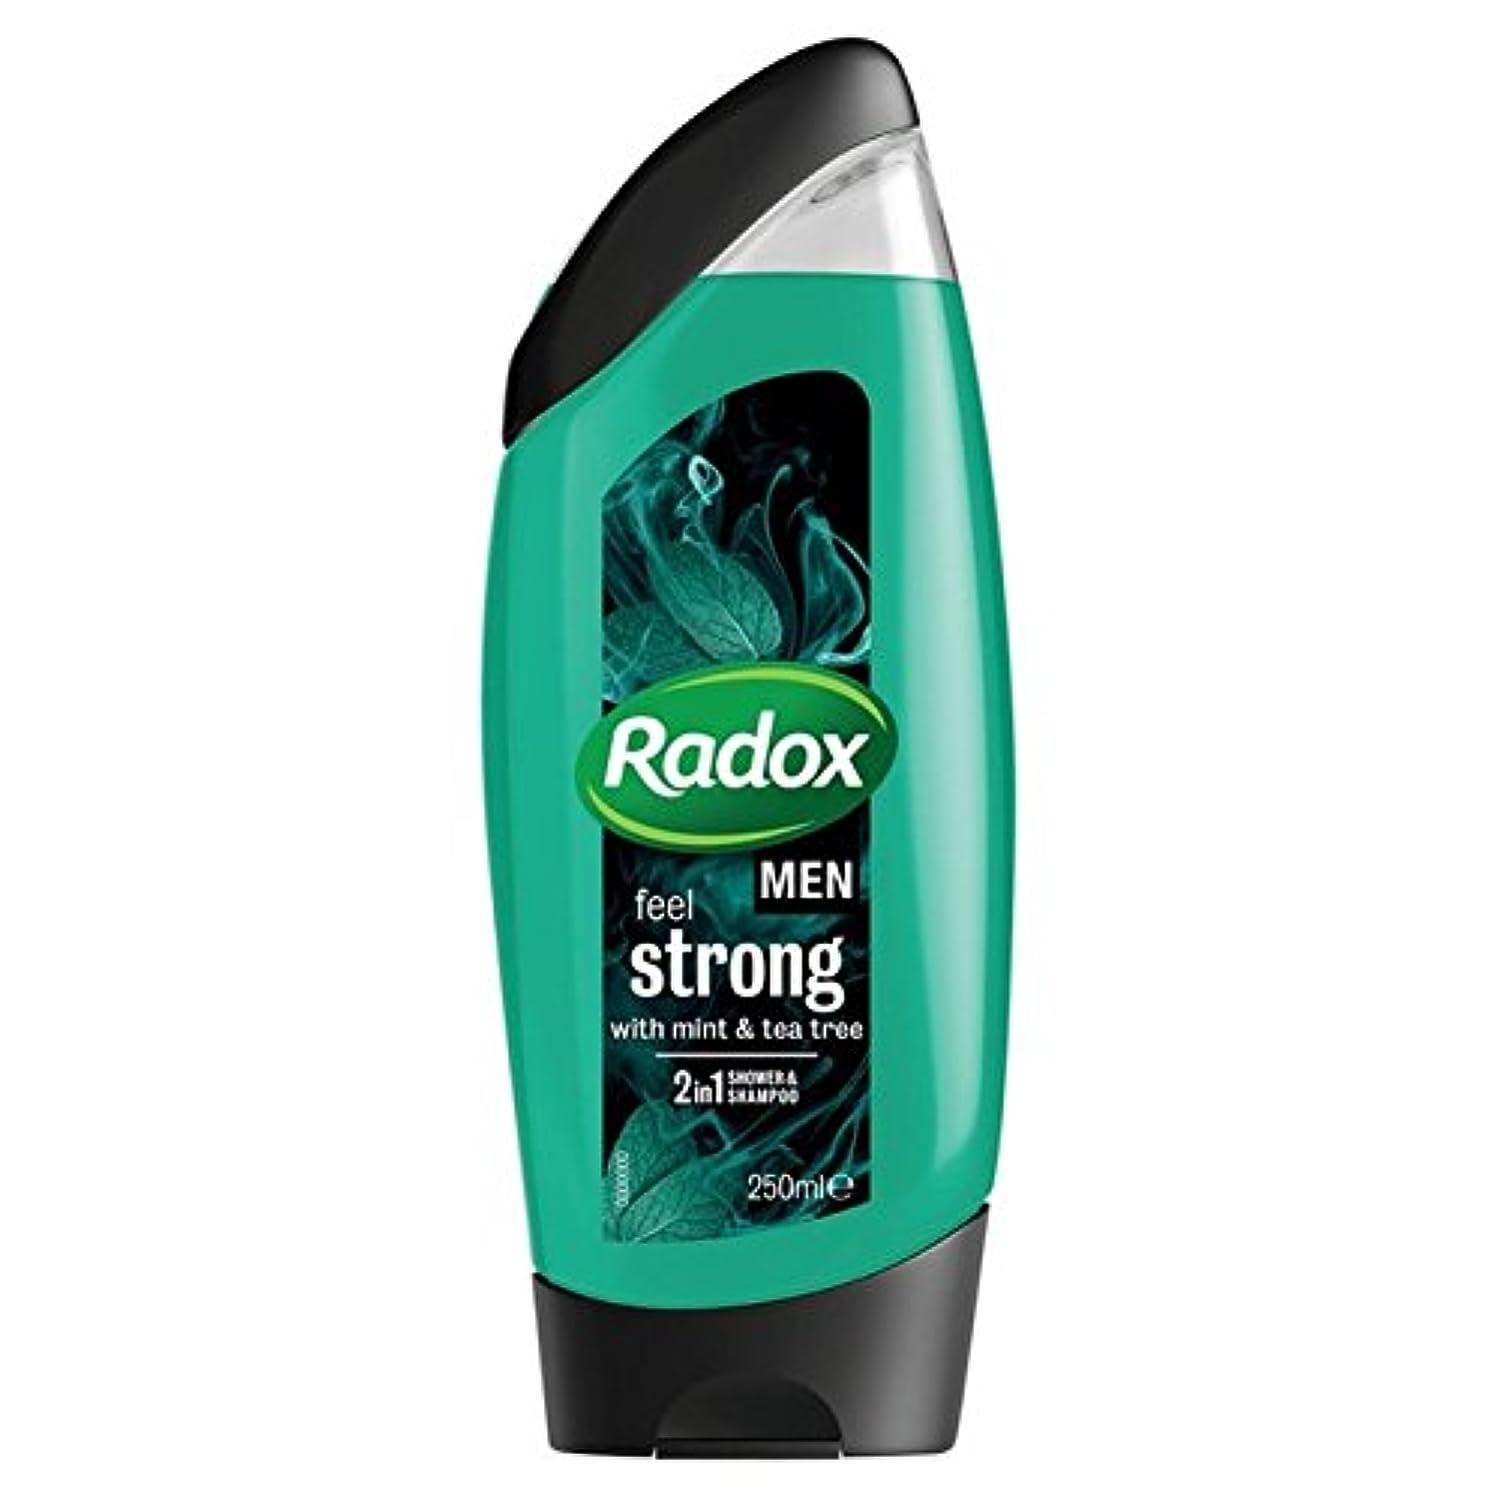 蓮サイクルロケーション男性は、強力なミント&ティーツリーの21のシャワージェル250ミリリットルを感じます x2 - Radox Men Feel Strong Mint & Tea Tree 2in1 Shower Gel 250ml (Pack...